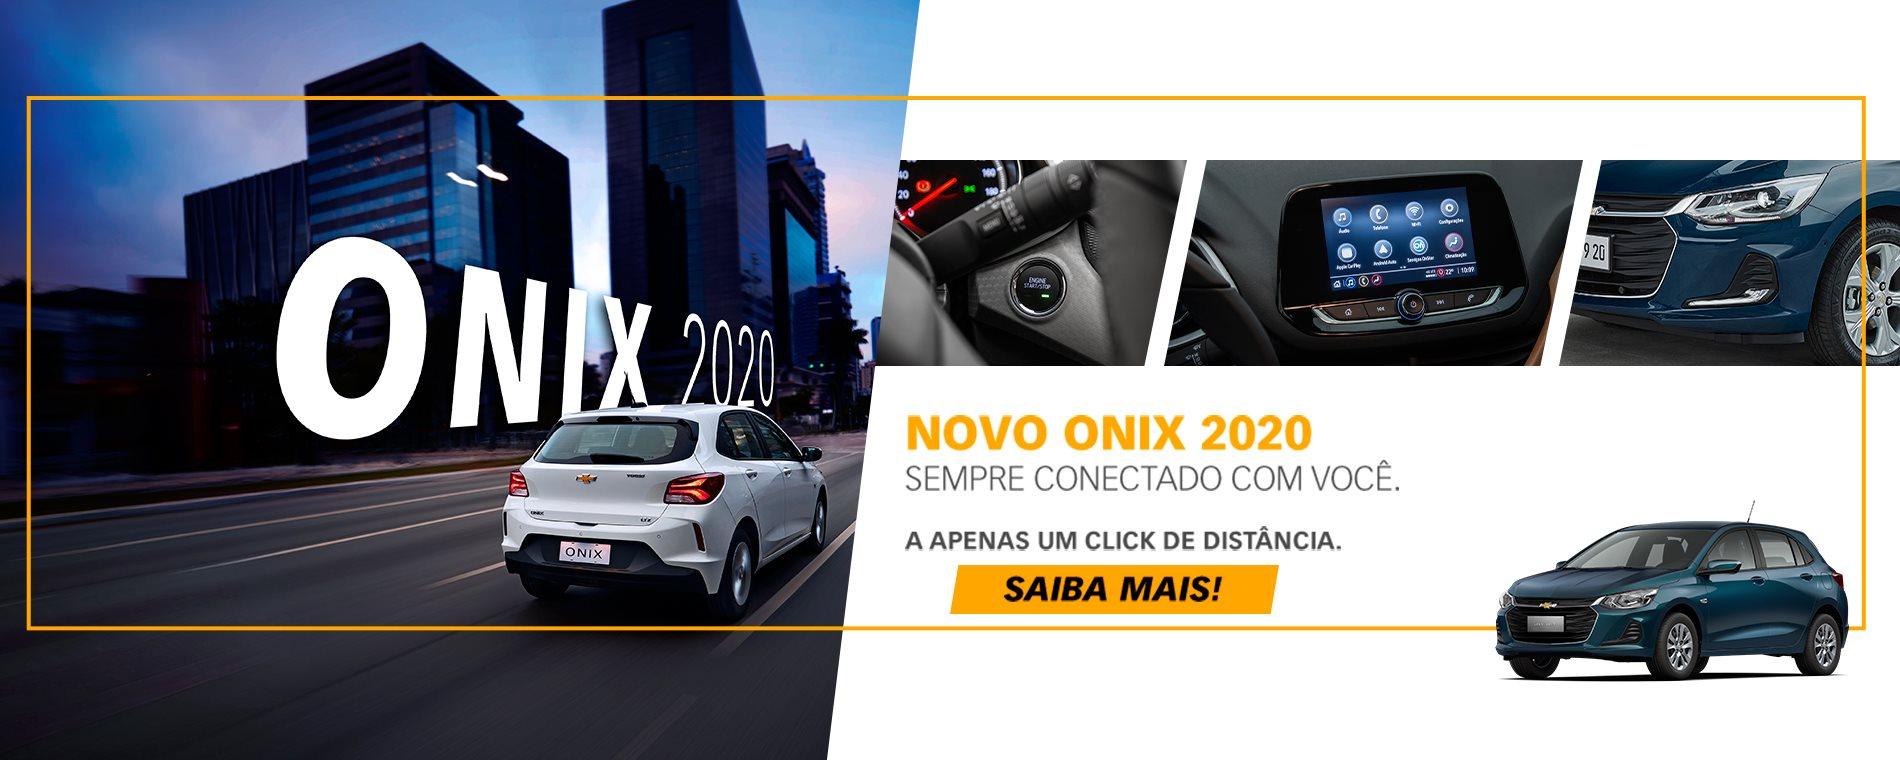 Onix 2020